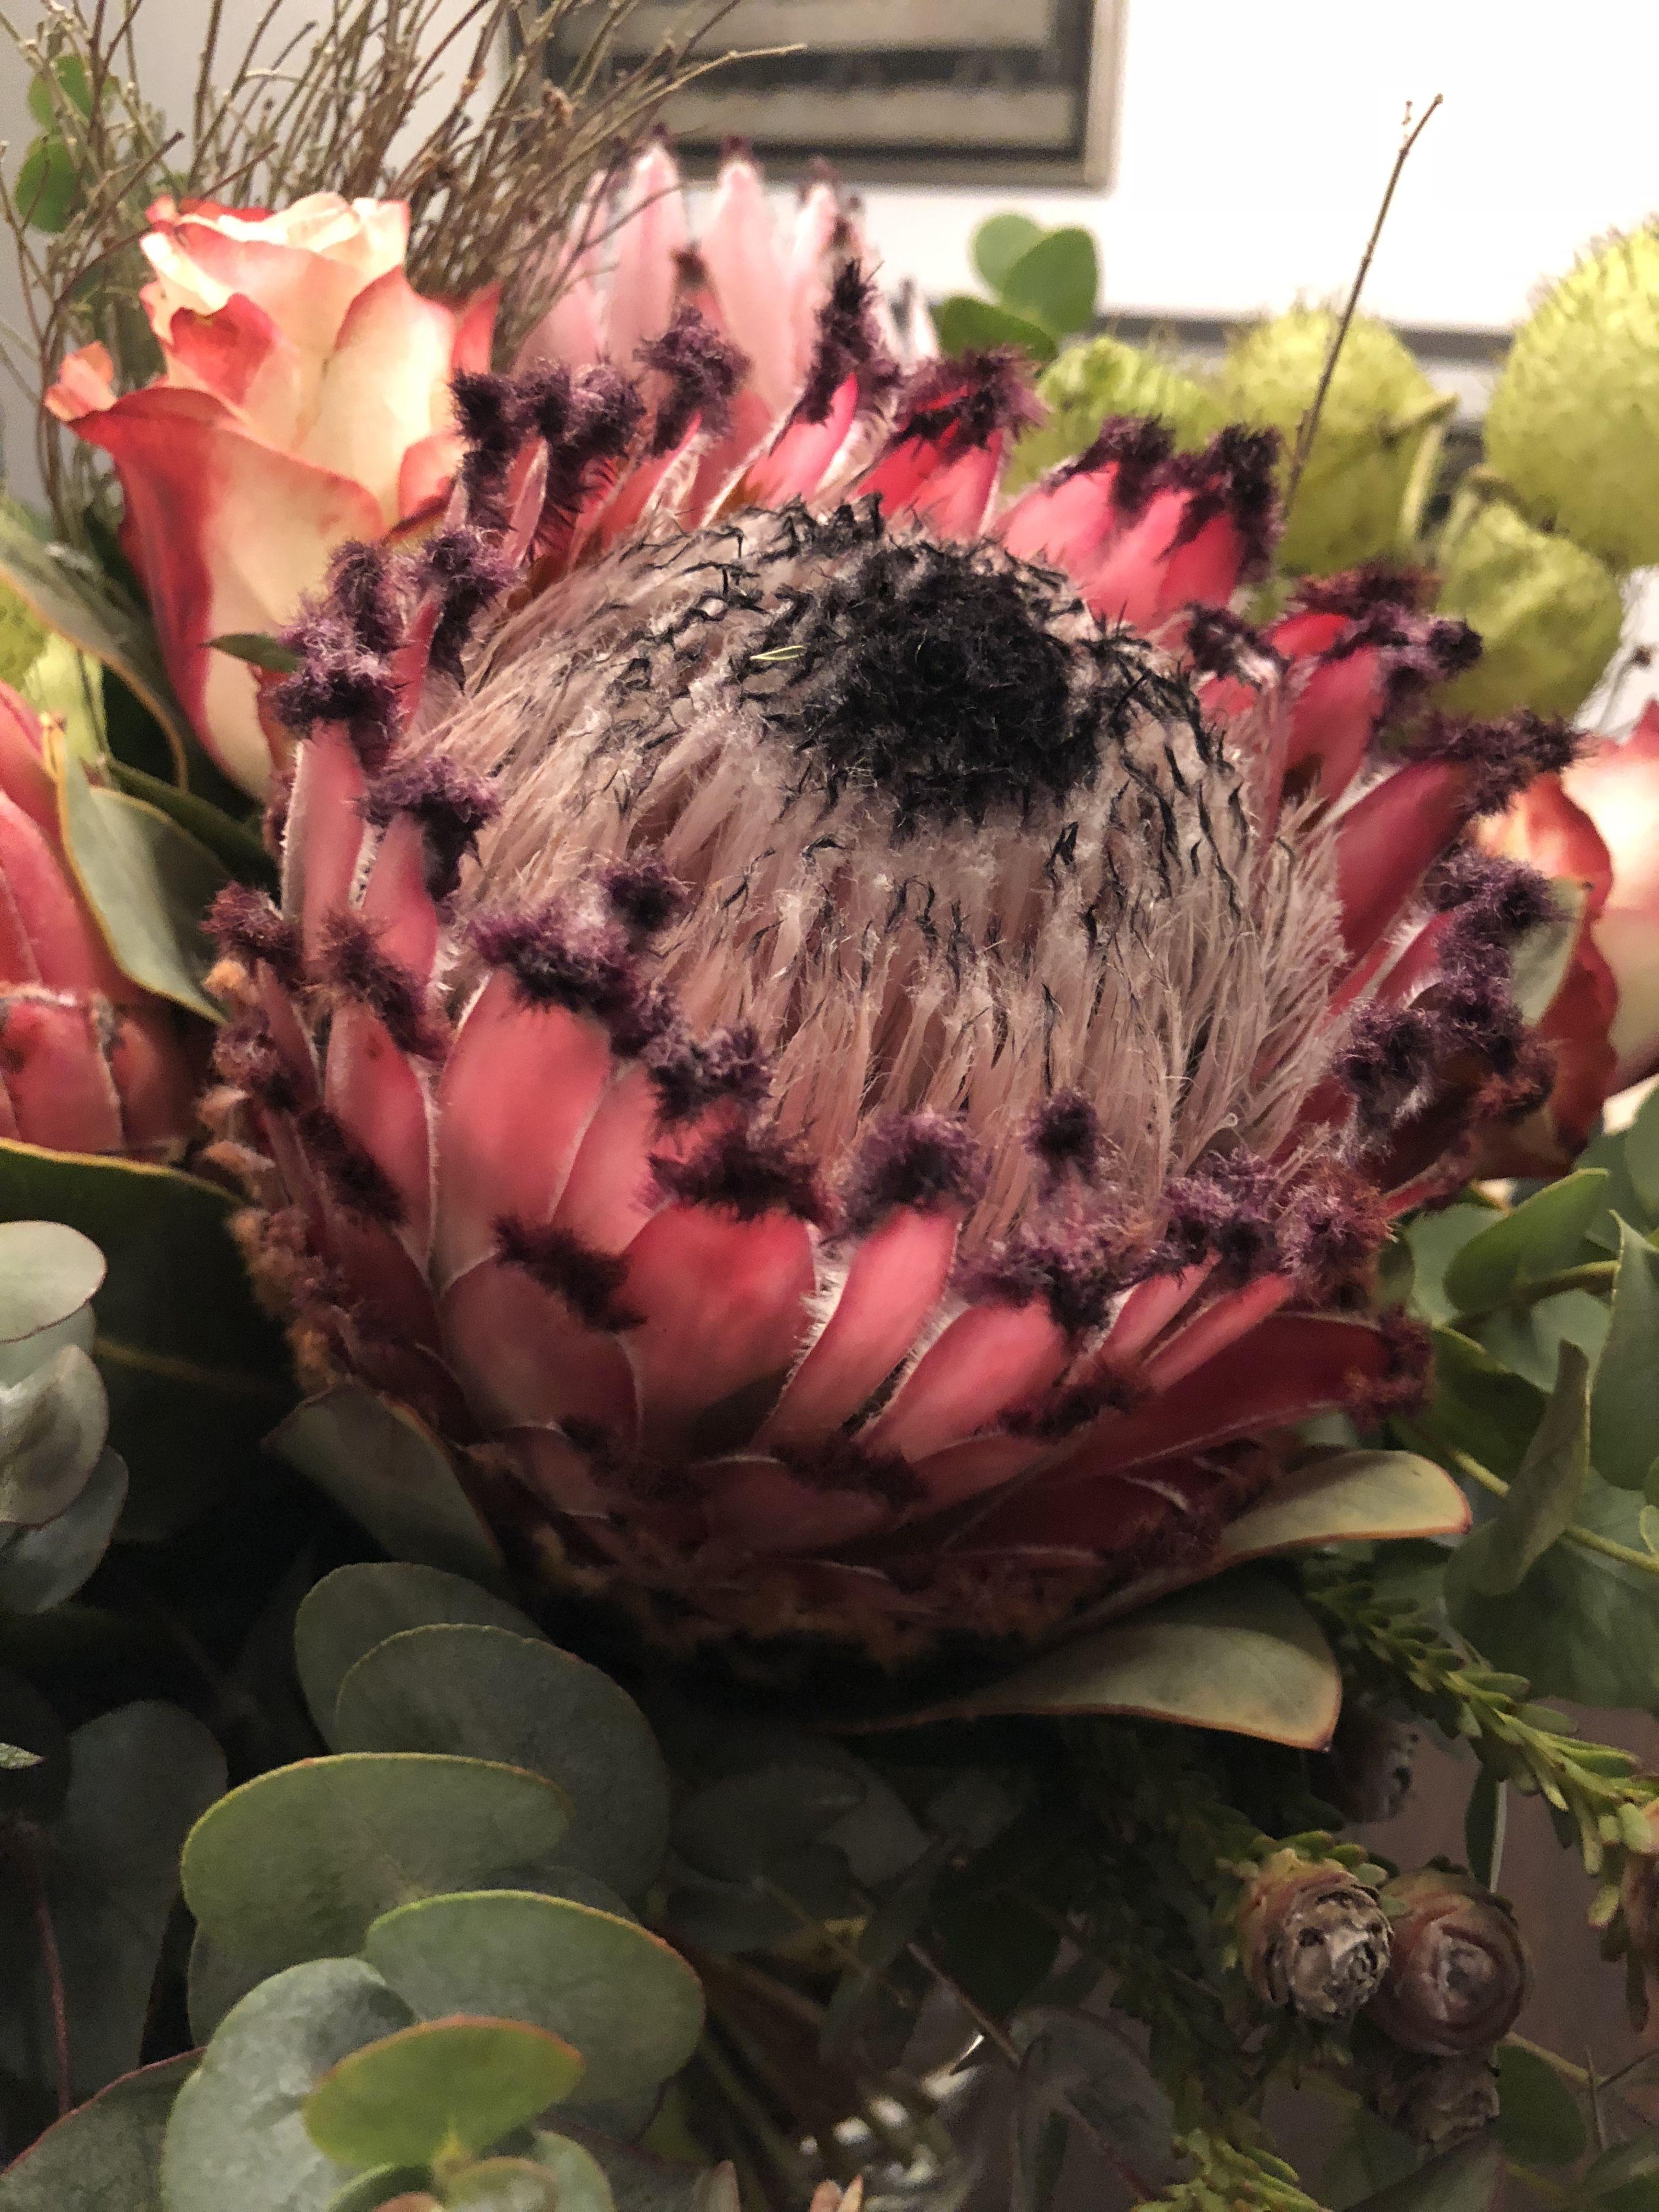 Protea Blumenstrauß, Blumenbotschaft Vier Jahreszeiten, 53359 Rheinbach, Nadine Samulewitz, Floristenmeisterin, Blumen für jeden Anlass, Daniela Katzenberger Hochzeit uvm...